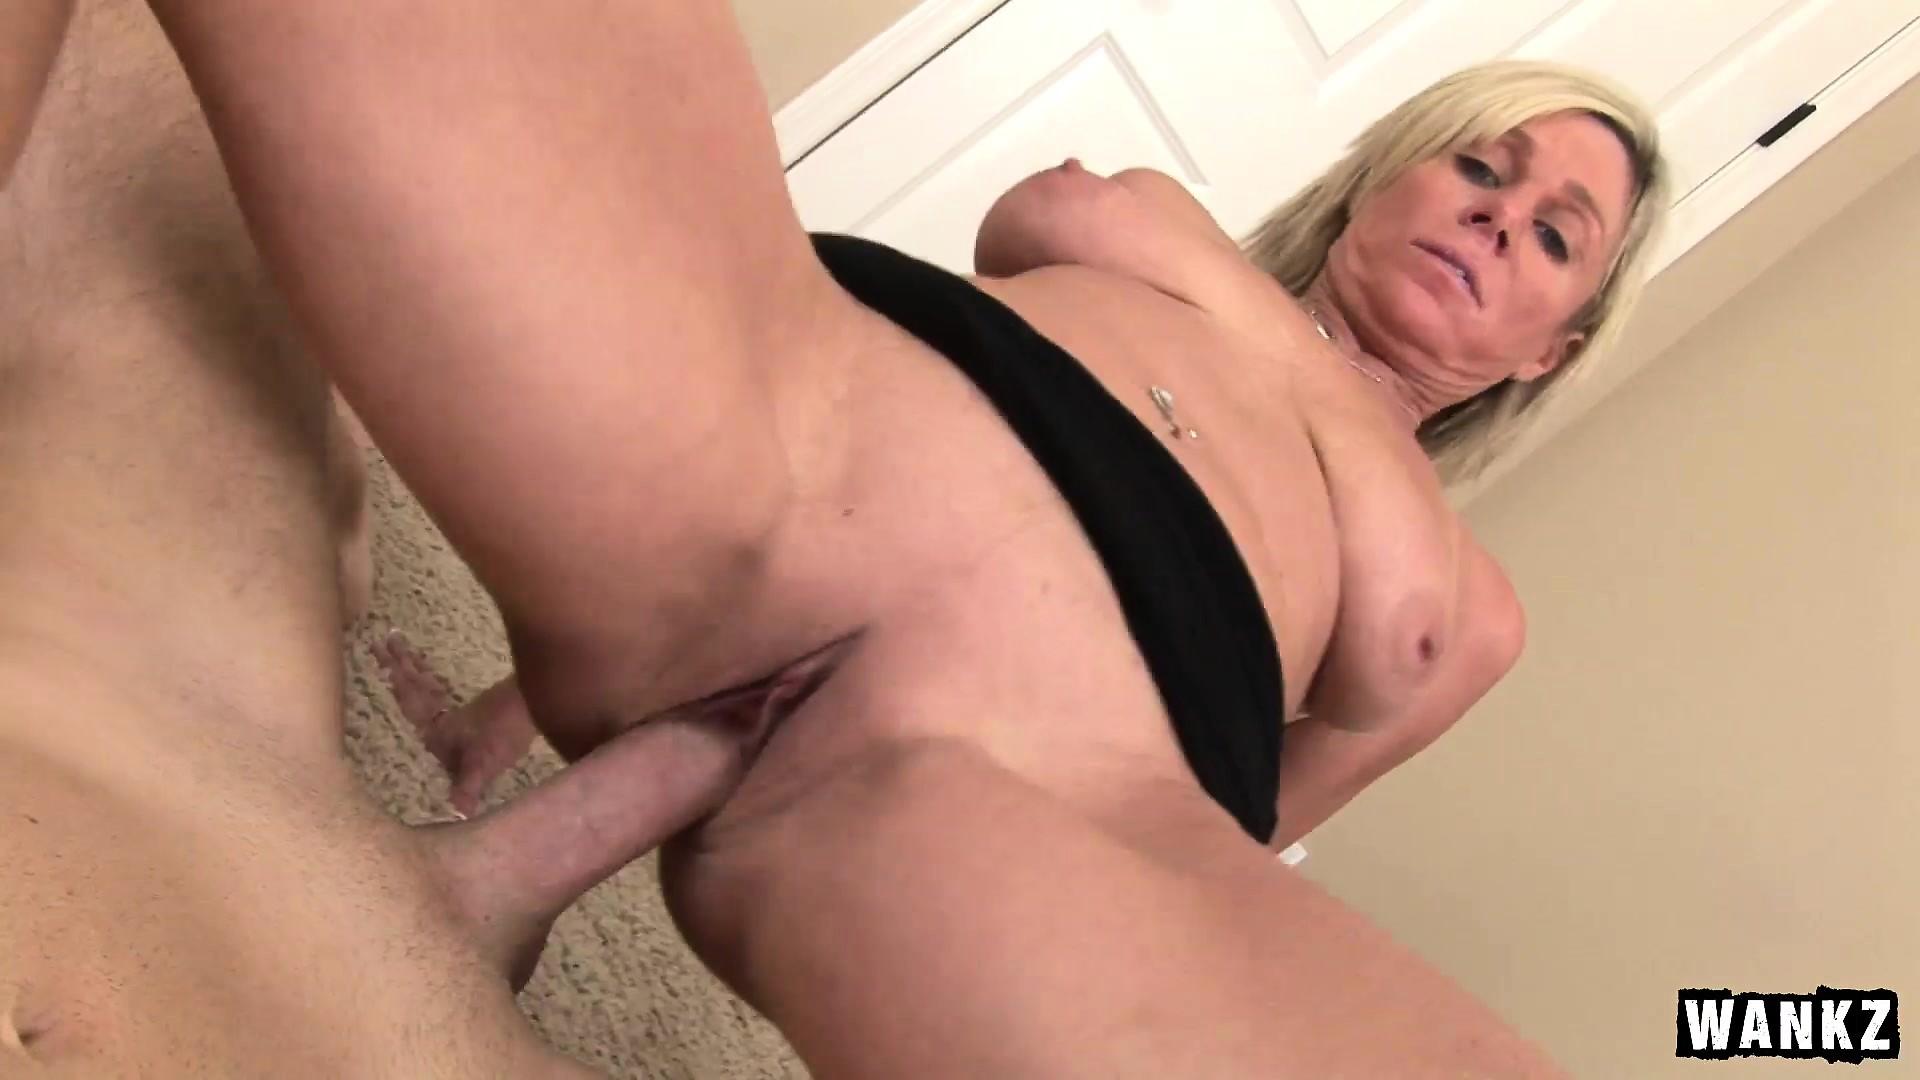 porno-video-mamochek-ot-pervogo-litsa-onlayn